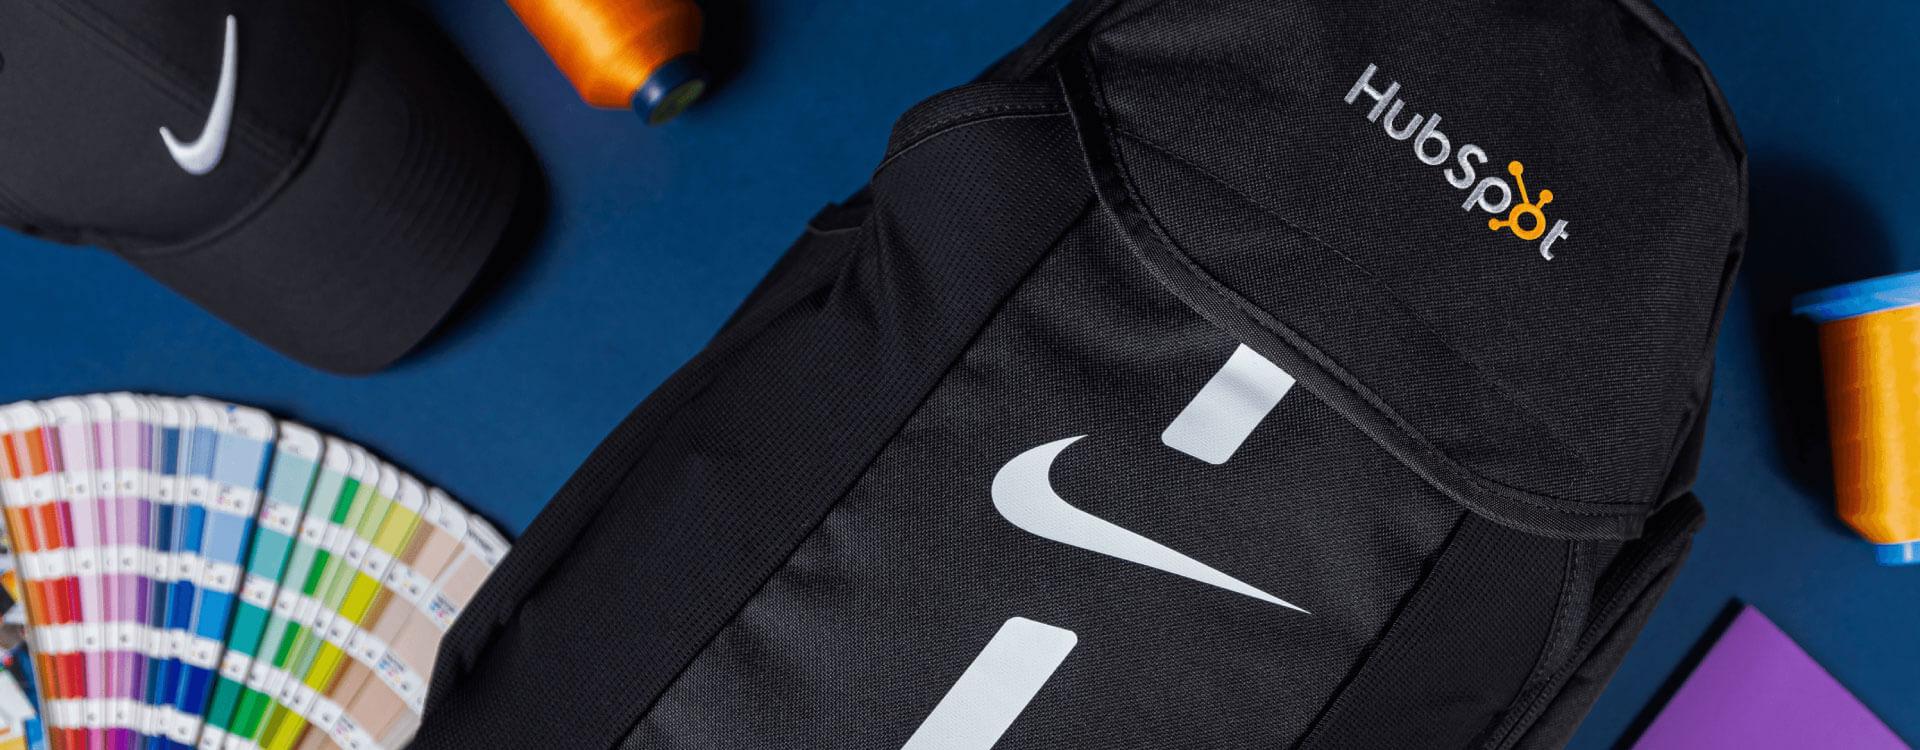 Customized Nike Backpacks and Custom Nike Gear